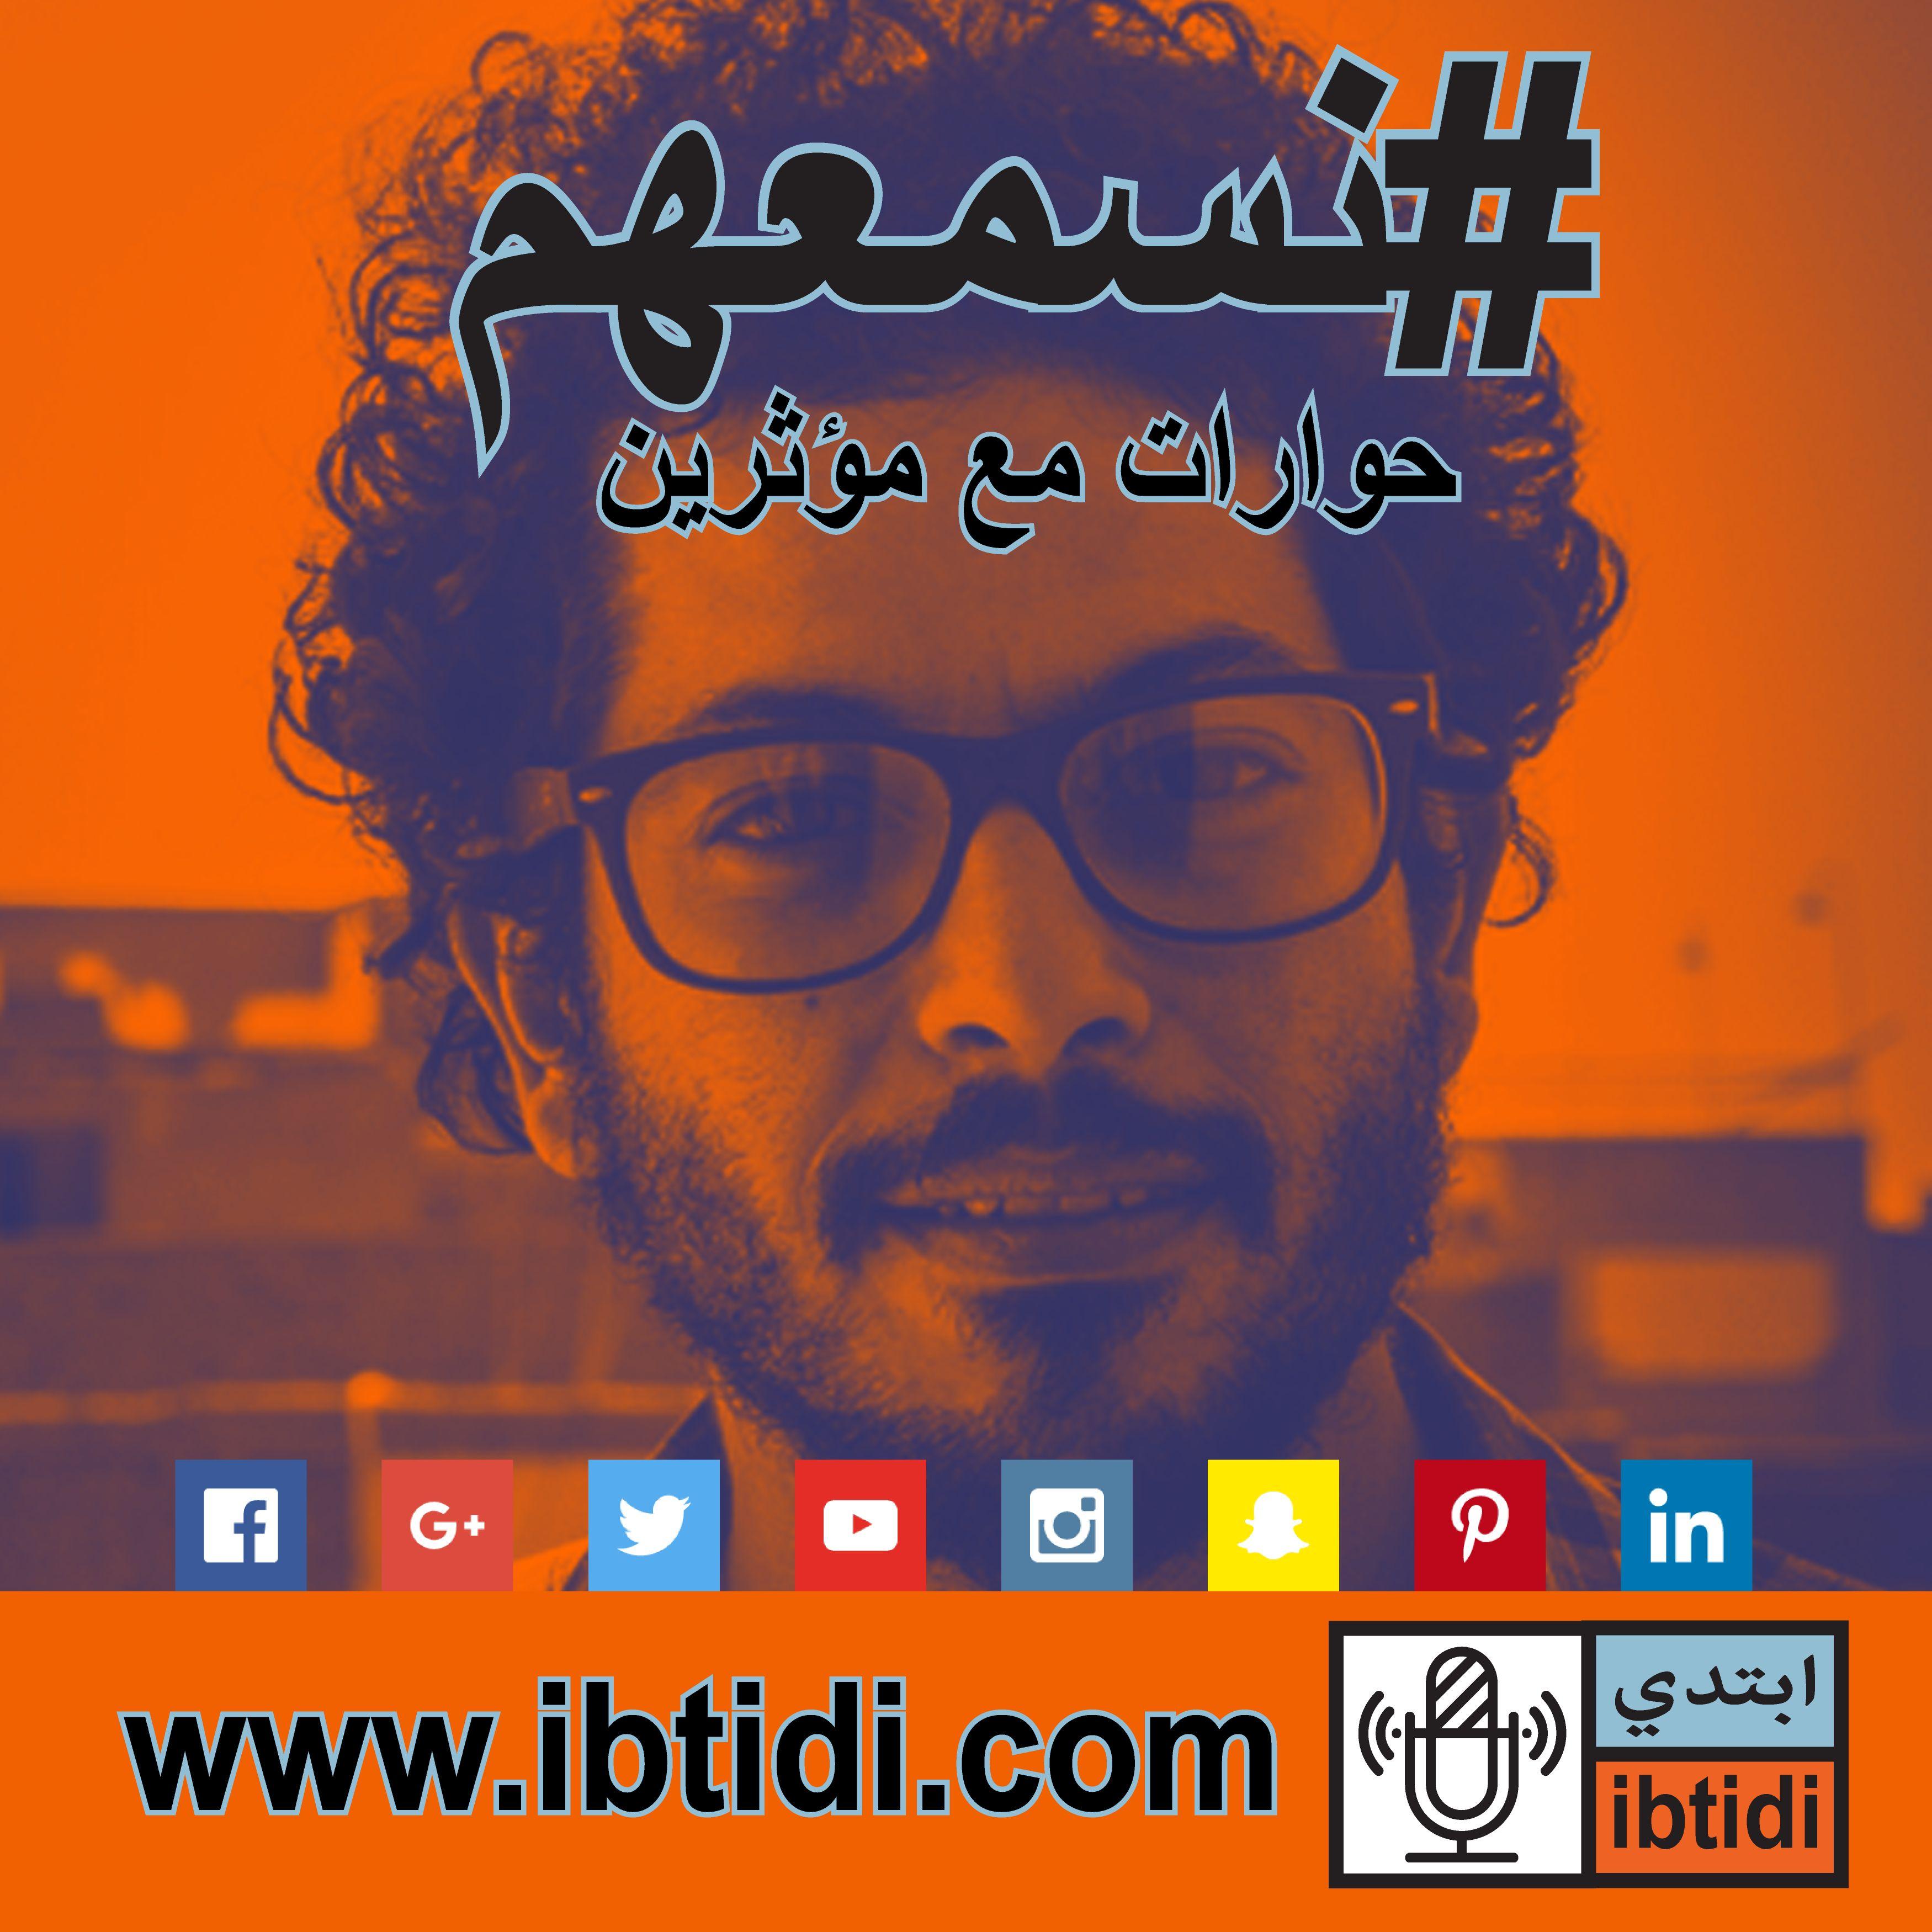 برنامج #نسمعهم - حلقة ٠٢١- وائل اسكندر - عن المعرّفين وأغنية البِيمب لياسر المناوهلي.